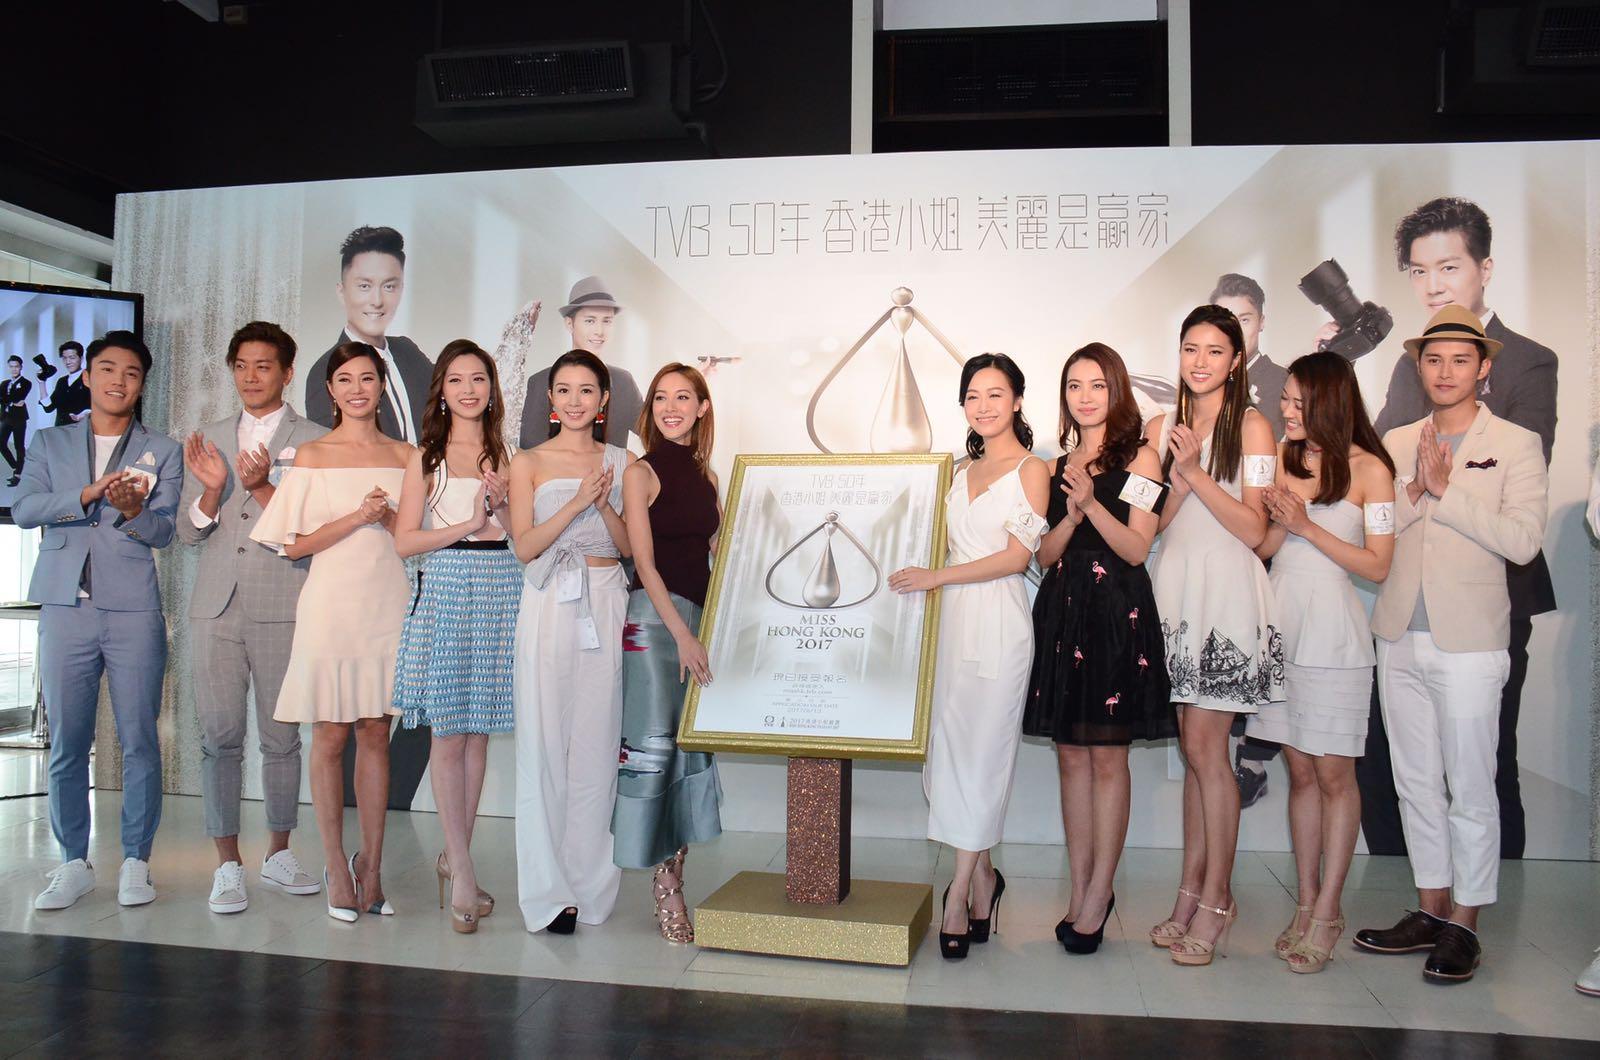 《2017香港小姐競選》舉行記者會,呼籲靚女參選。